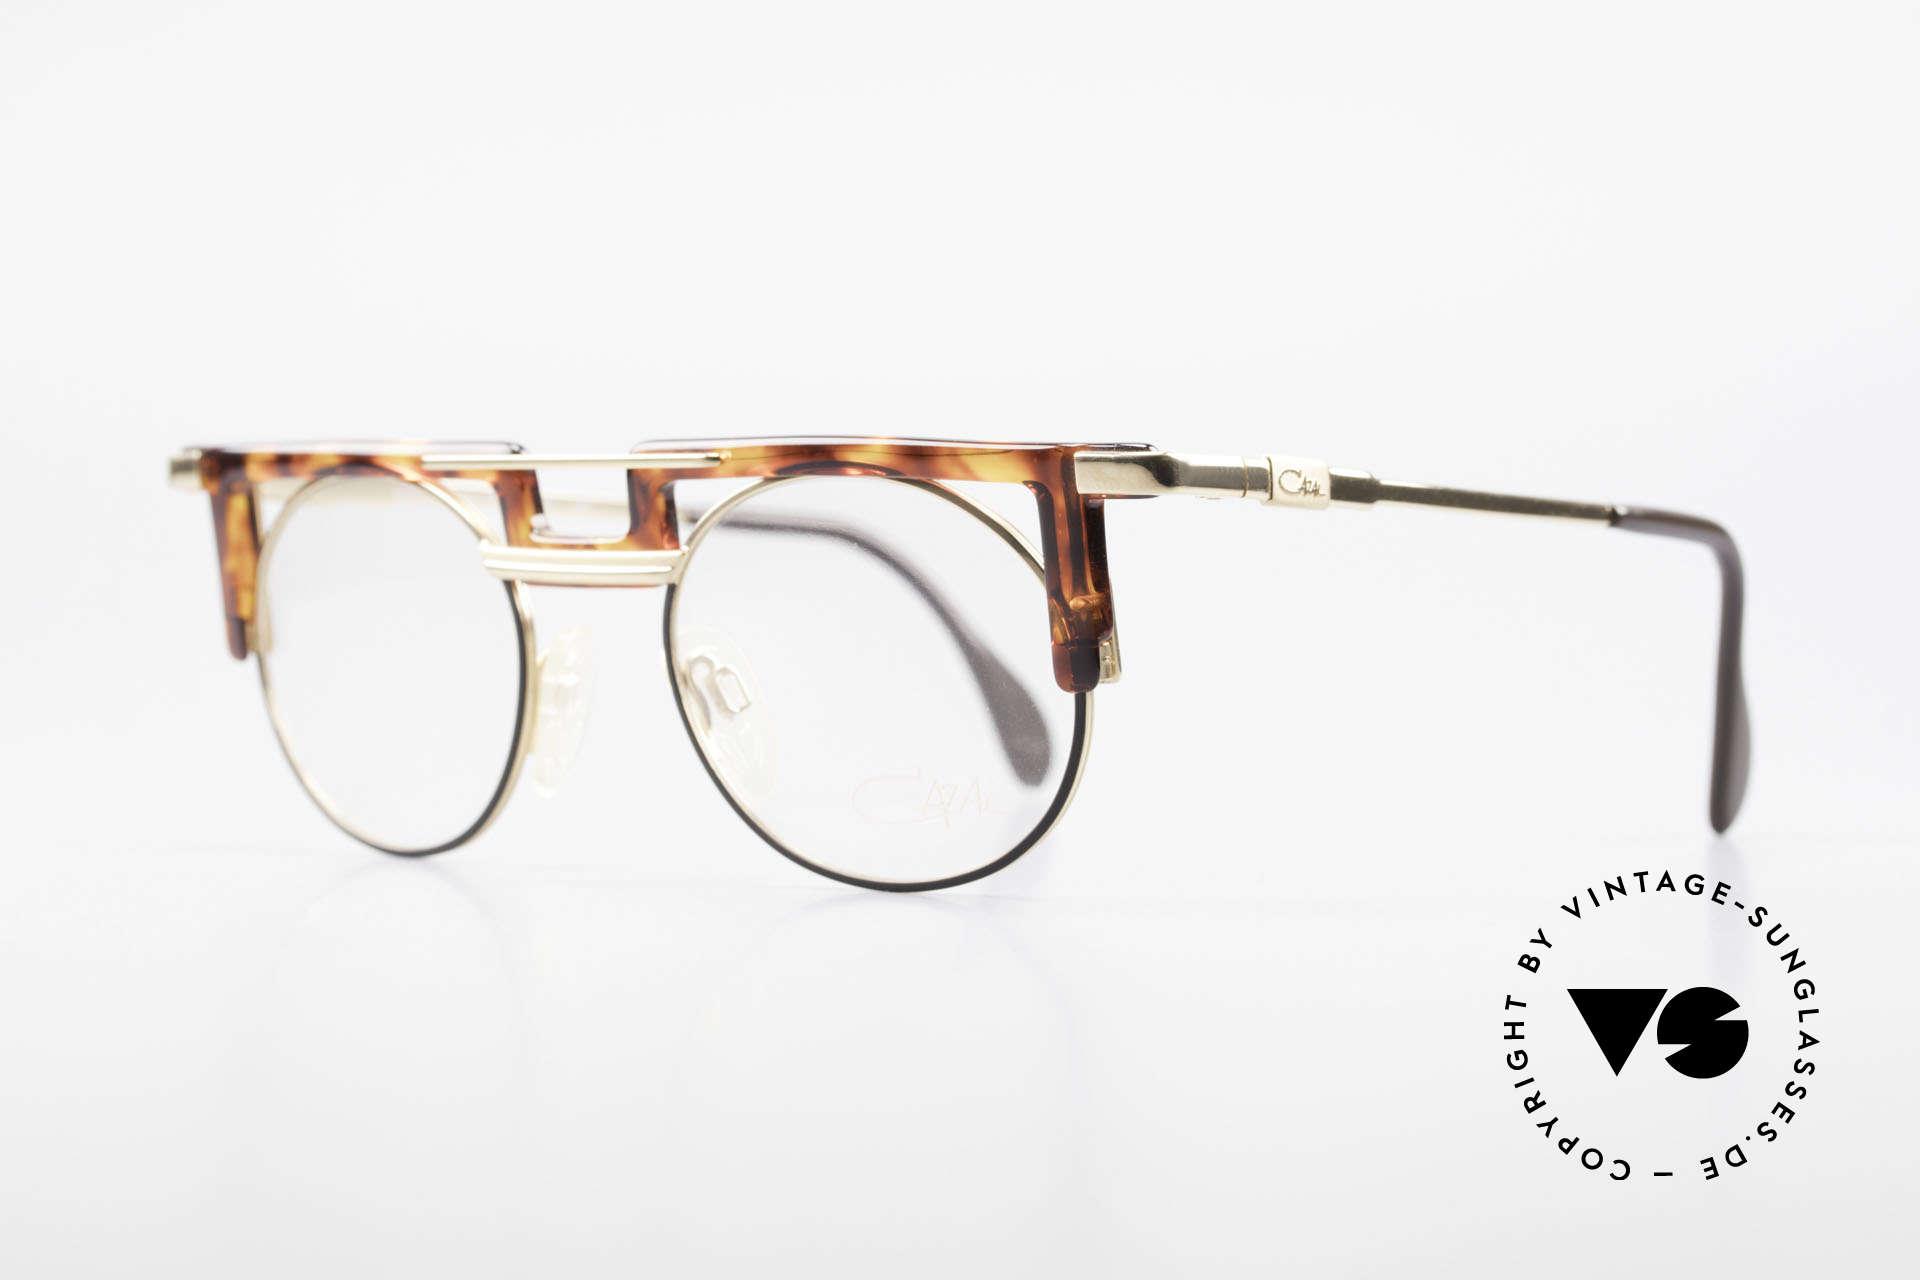 Cazal 745 Alte Cazal 90er Markenbrille, auffällig einzigartig (unverwechselbar CAri ZALloni), Passend für Herren und Damen